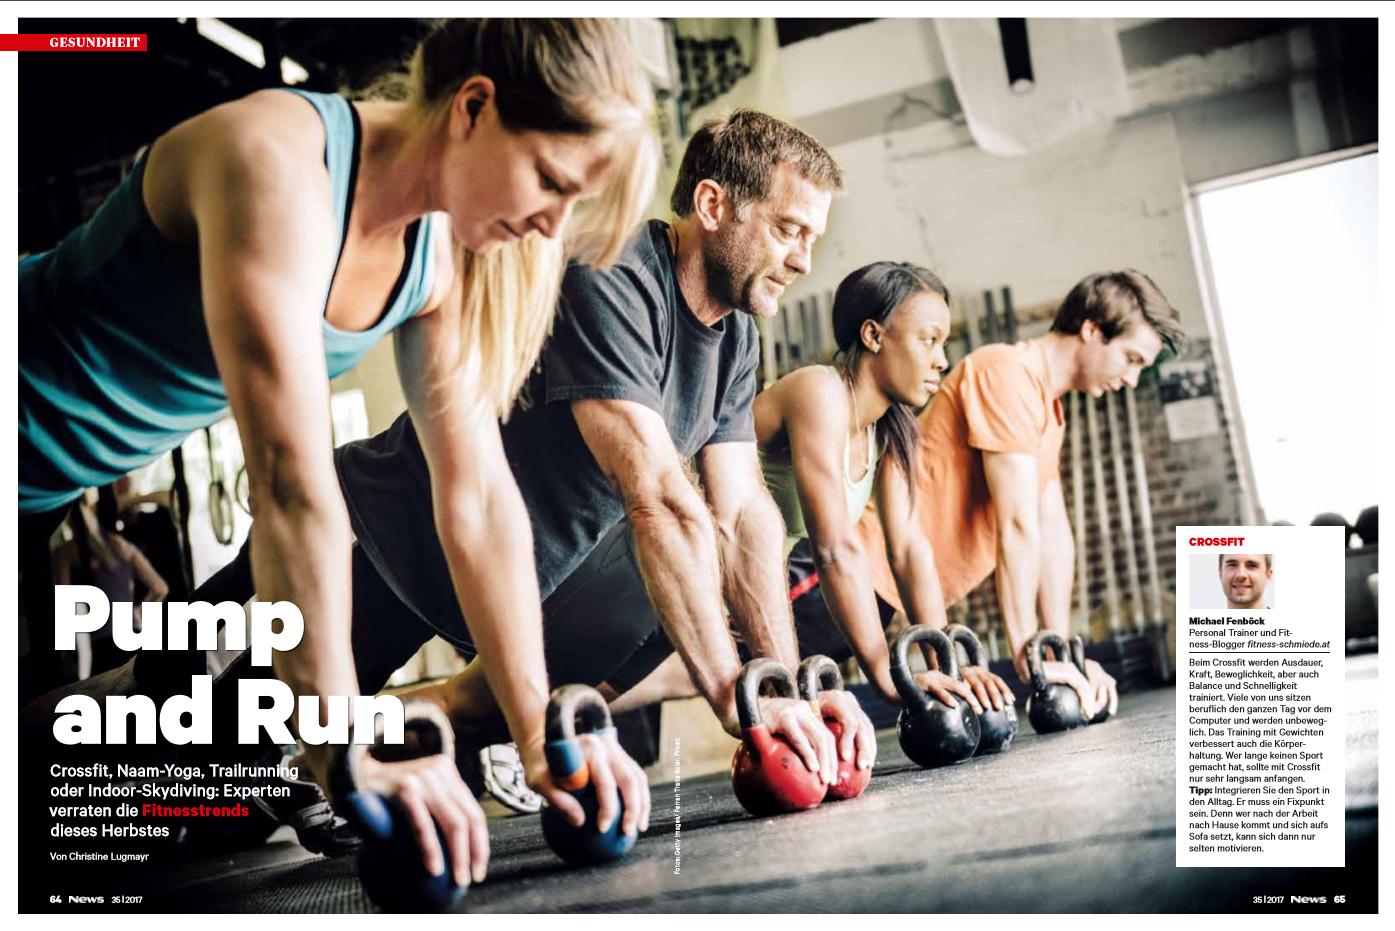 Bloggerin und Fitness-Trainerin Bernadette Hörner gibt im News-Heft 35-2017 neben anderen Experten Tipps für Herbst-Sportarten